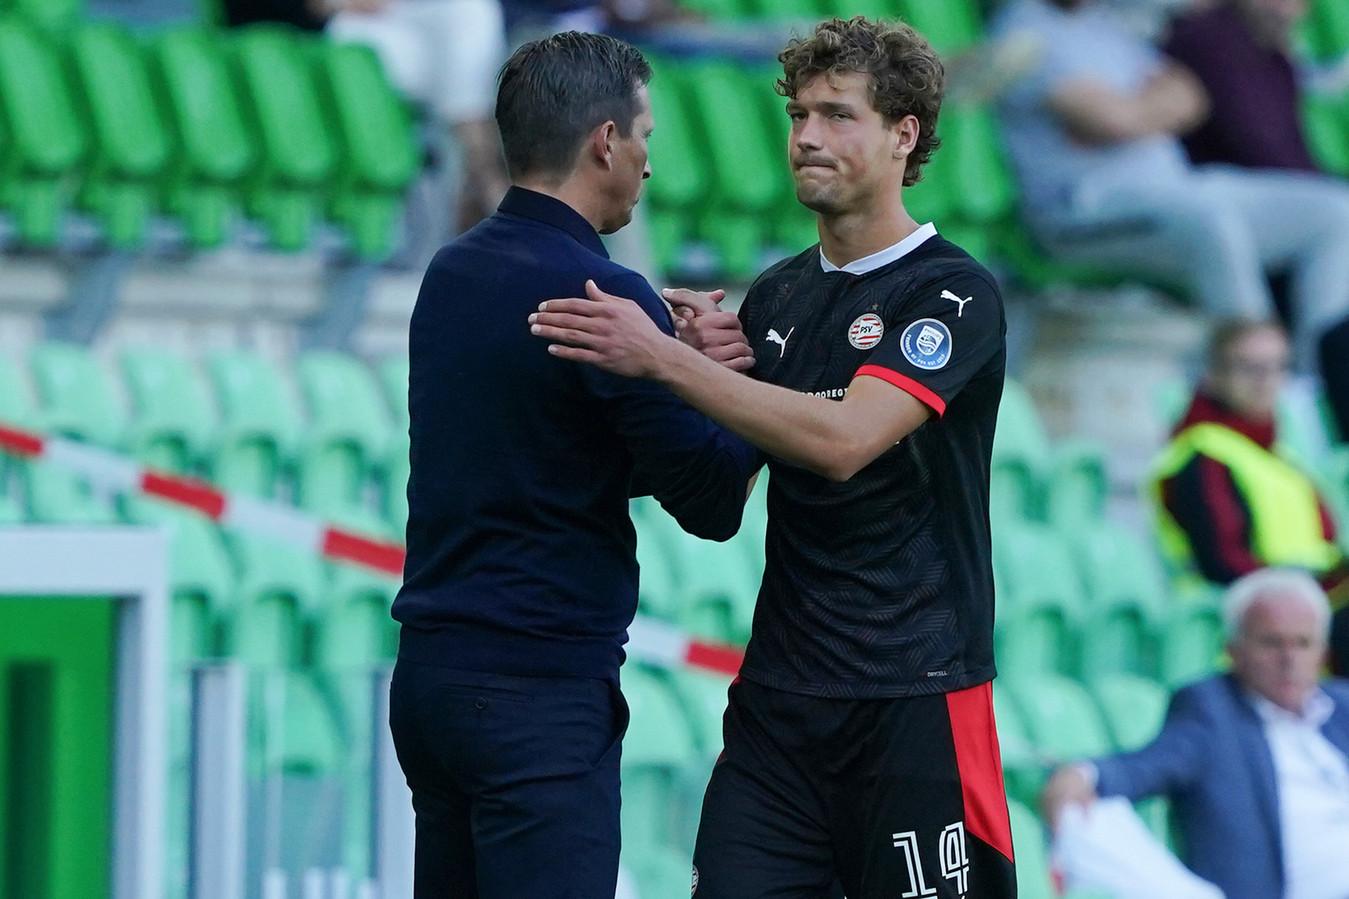 Sam Lammers deed zondag nog 51 minuten mee in de uitwedstrijd bij FC Groningen (1-3), maar vertrekt nu naar de Serie A.